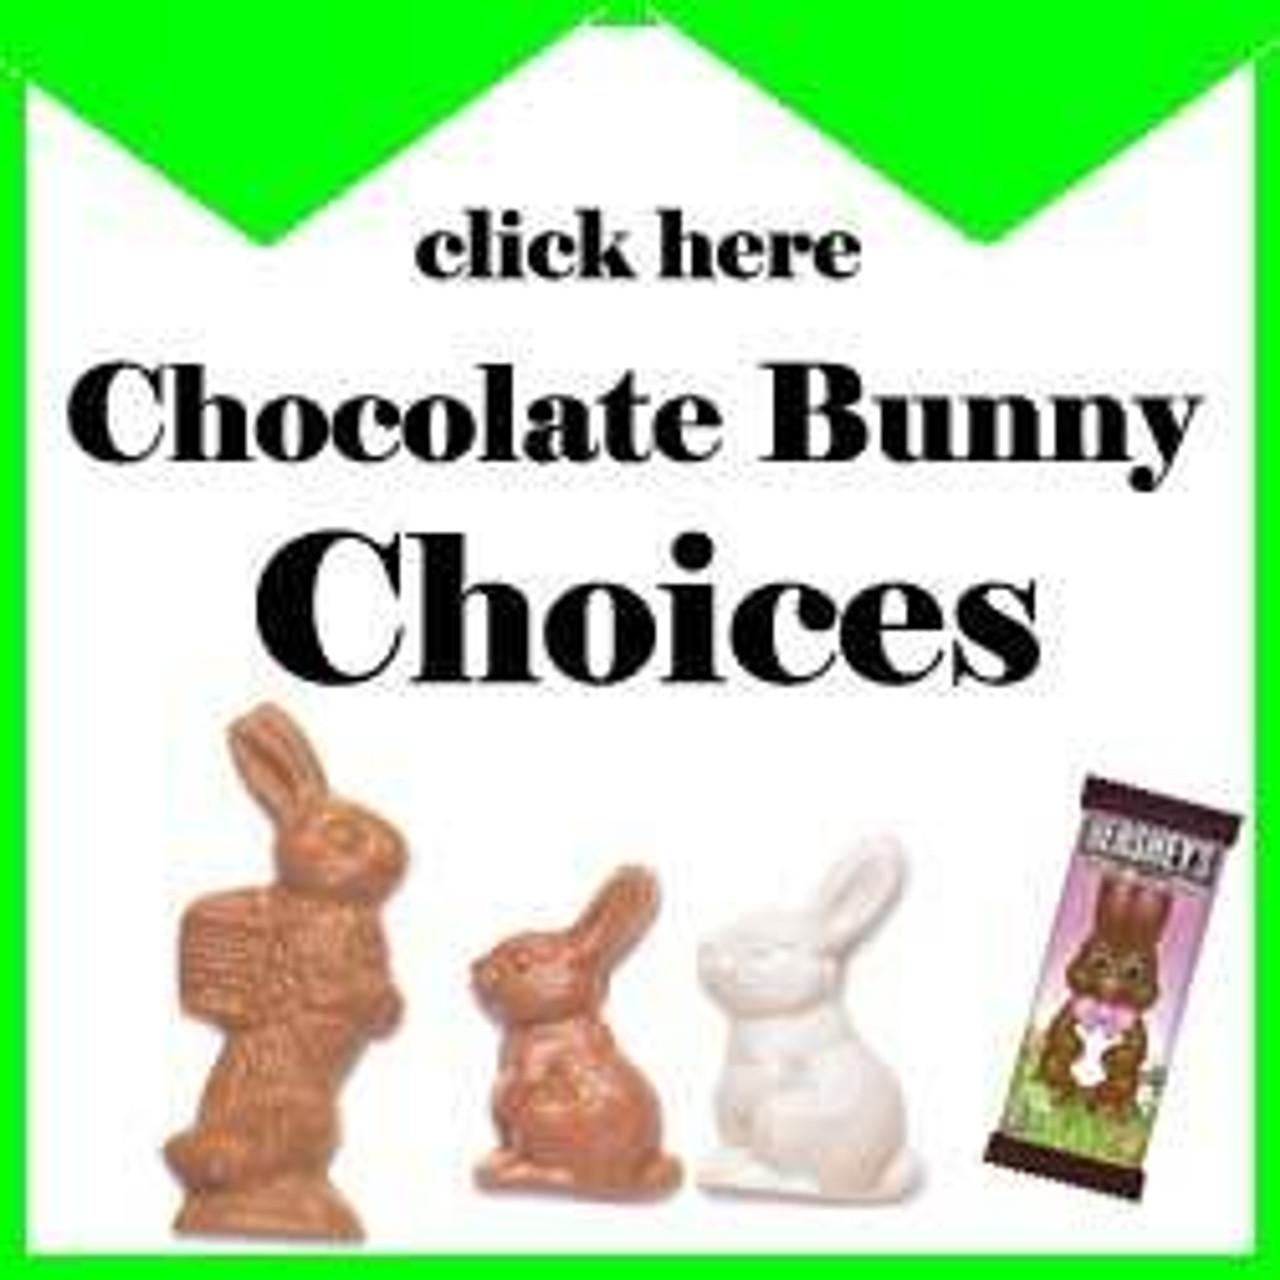 Chocolate Bunny Choices